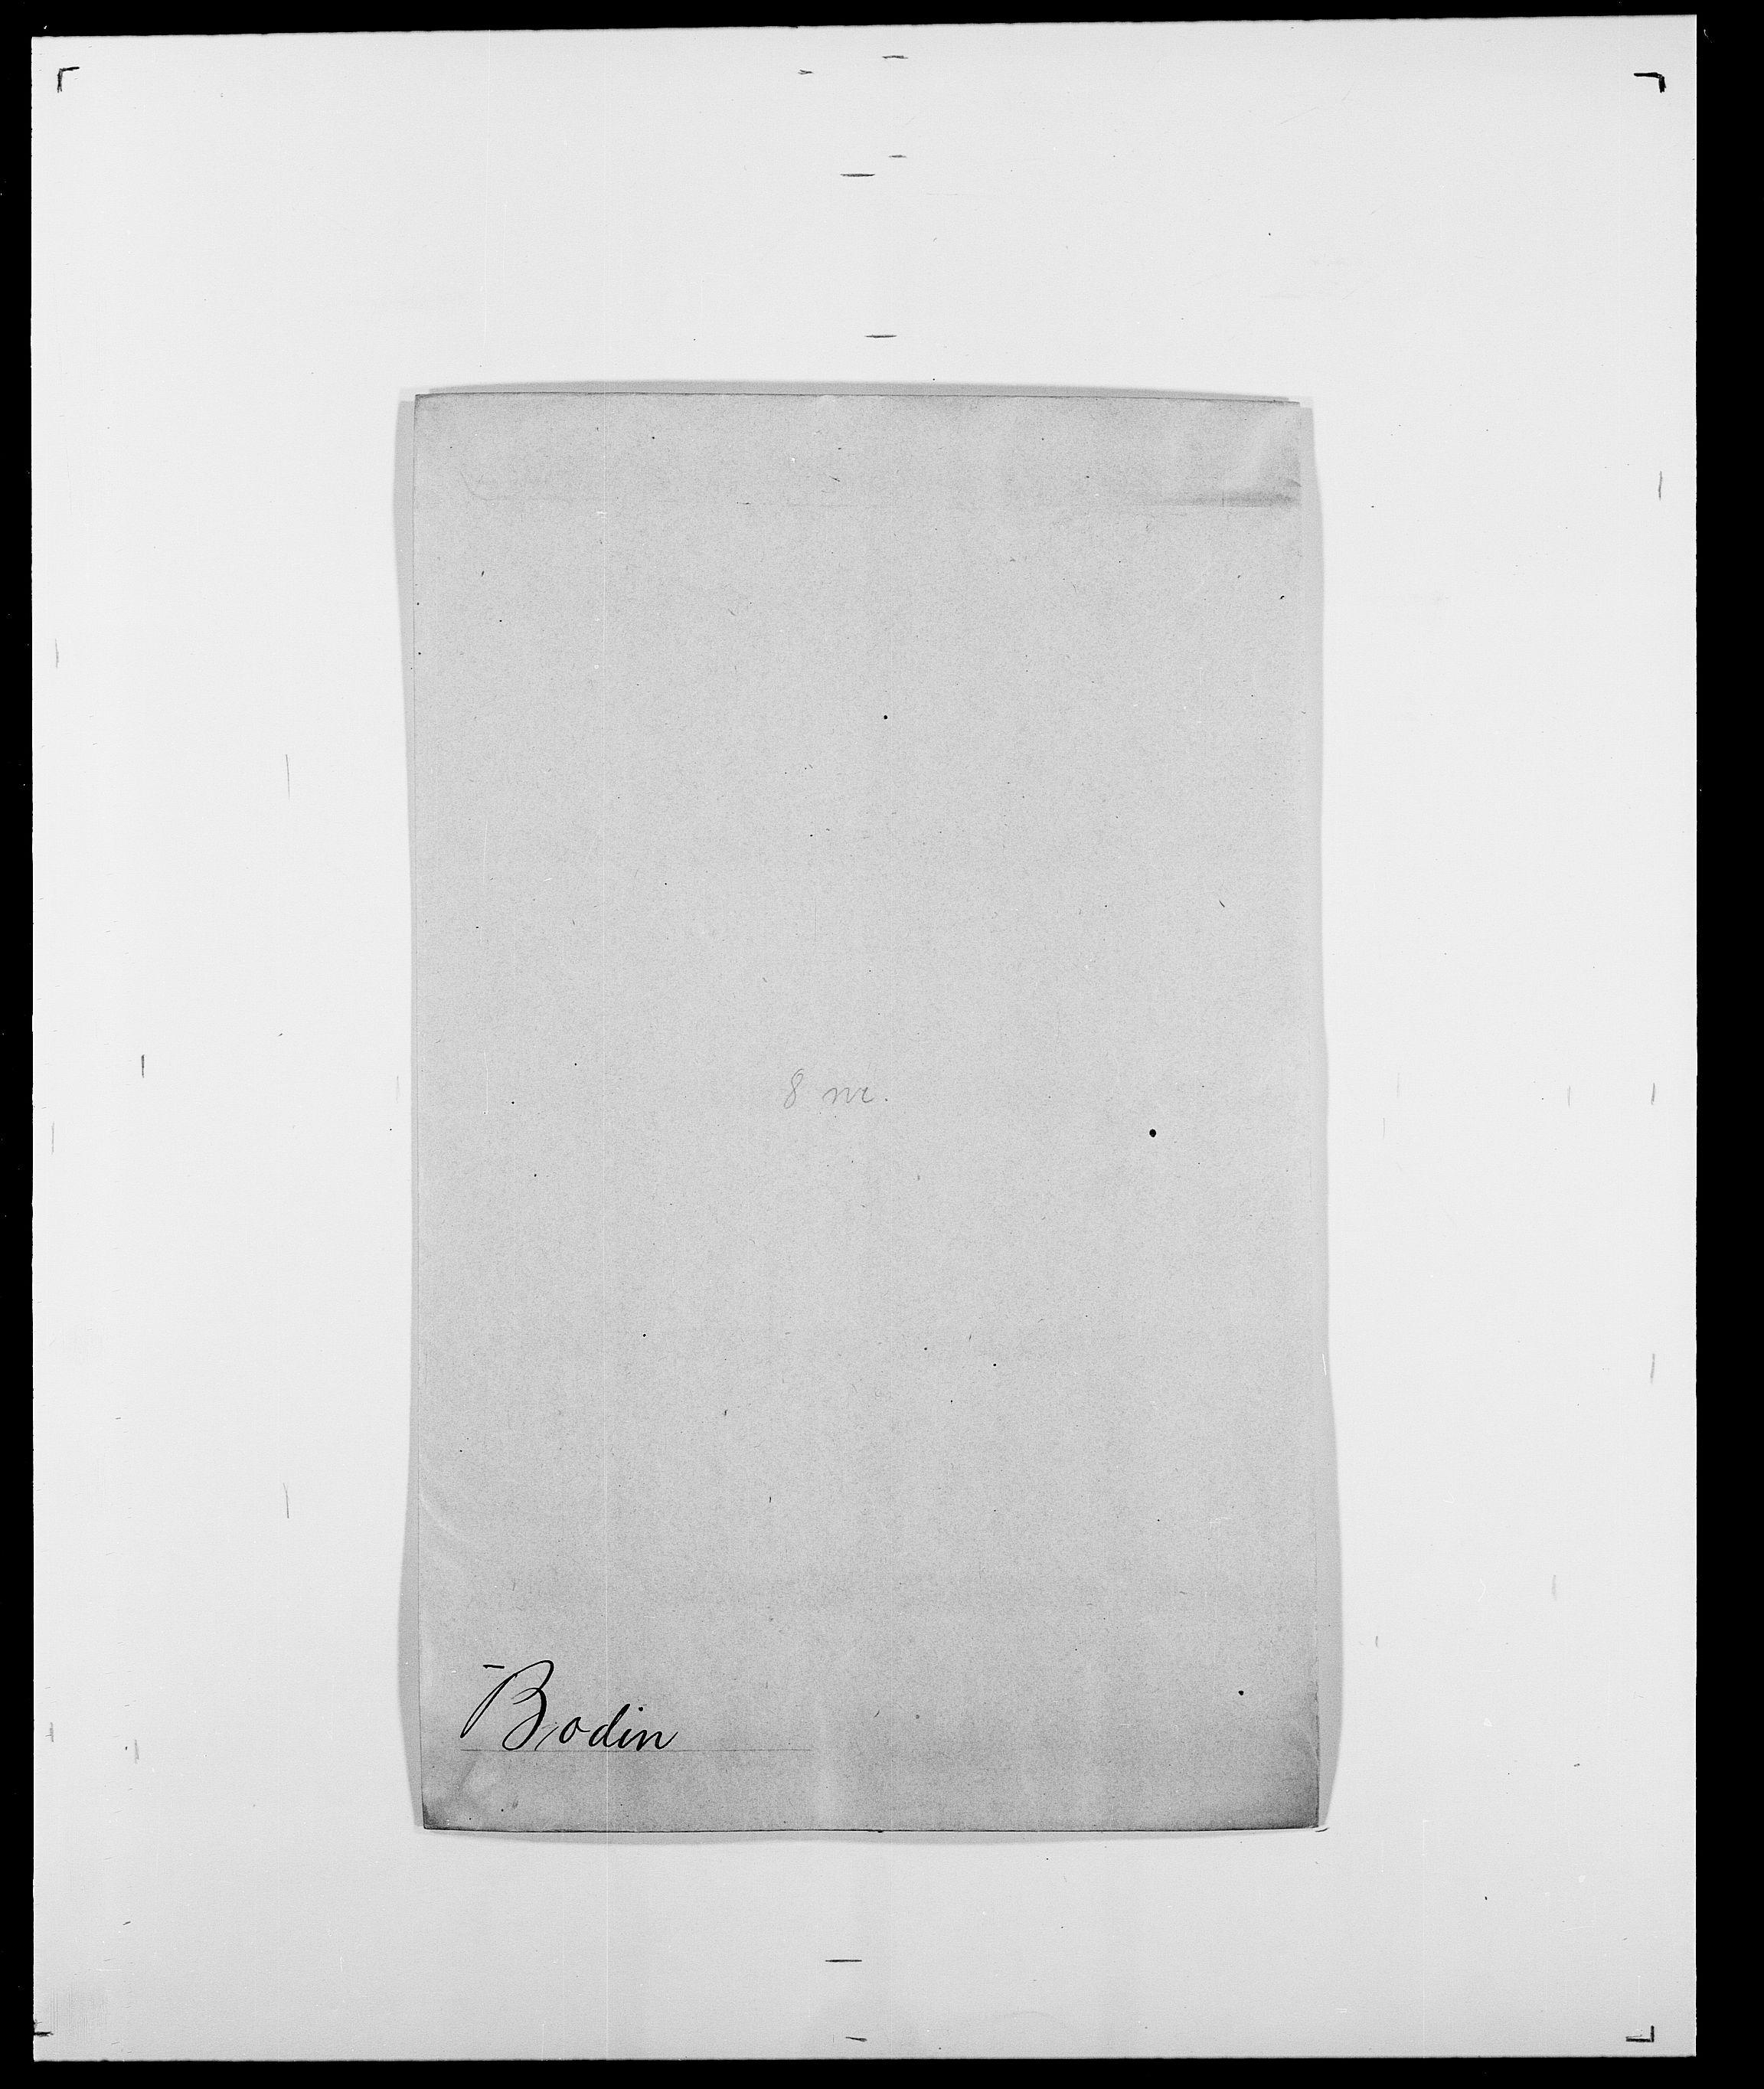 SAO, Delgobe, Charles Antoine - samling, D/Da/L0005: Boalth - Brahm, s. 15